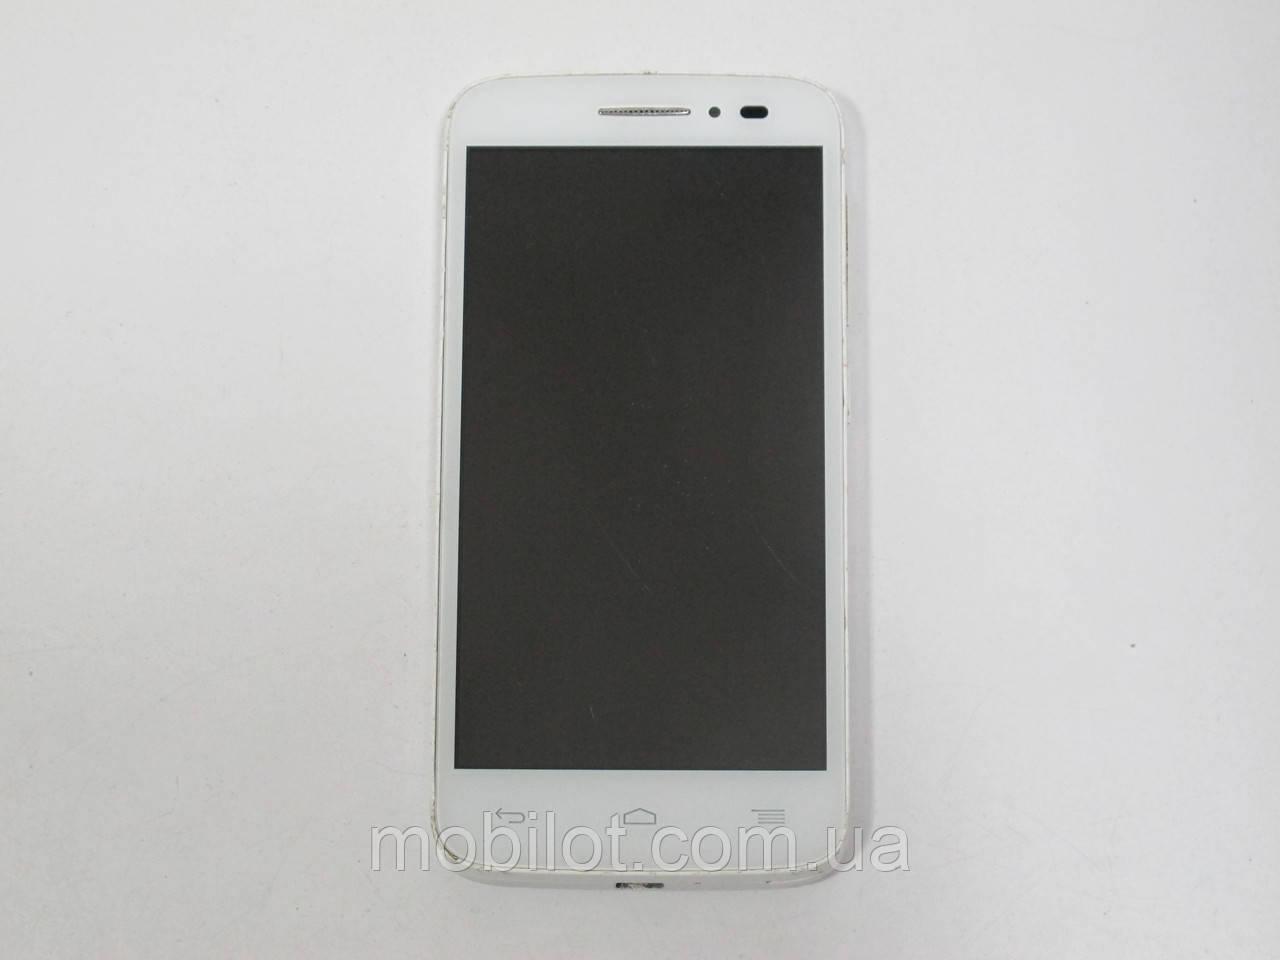 Мобильный телефон Alcatel OneTouch Pop 2 5042X (TZ-7100)Нет в наличии